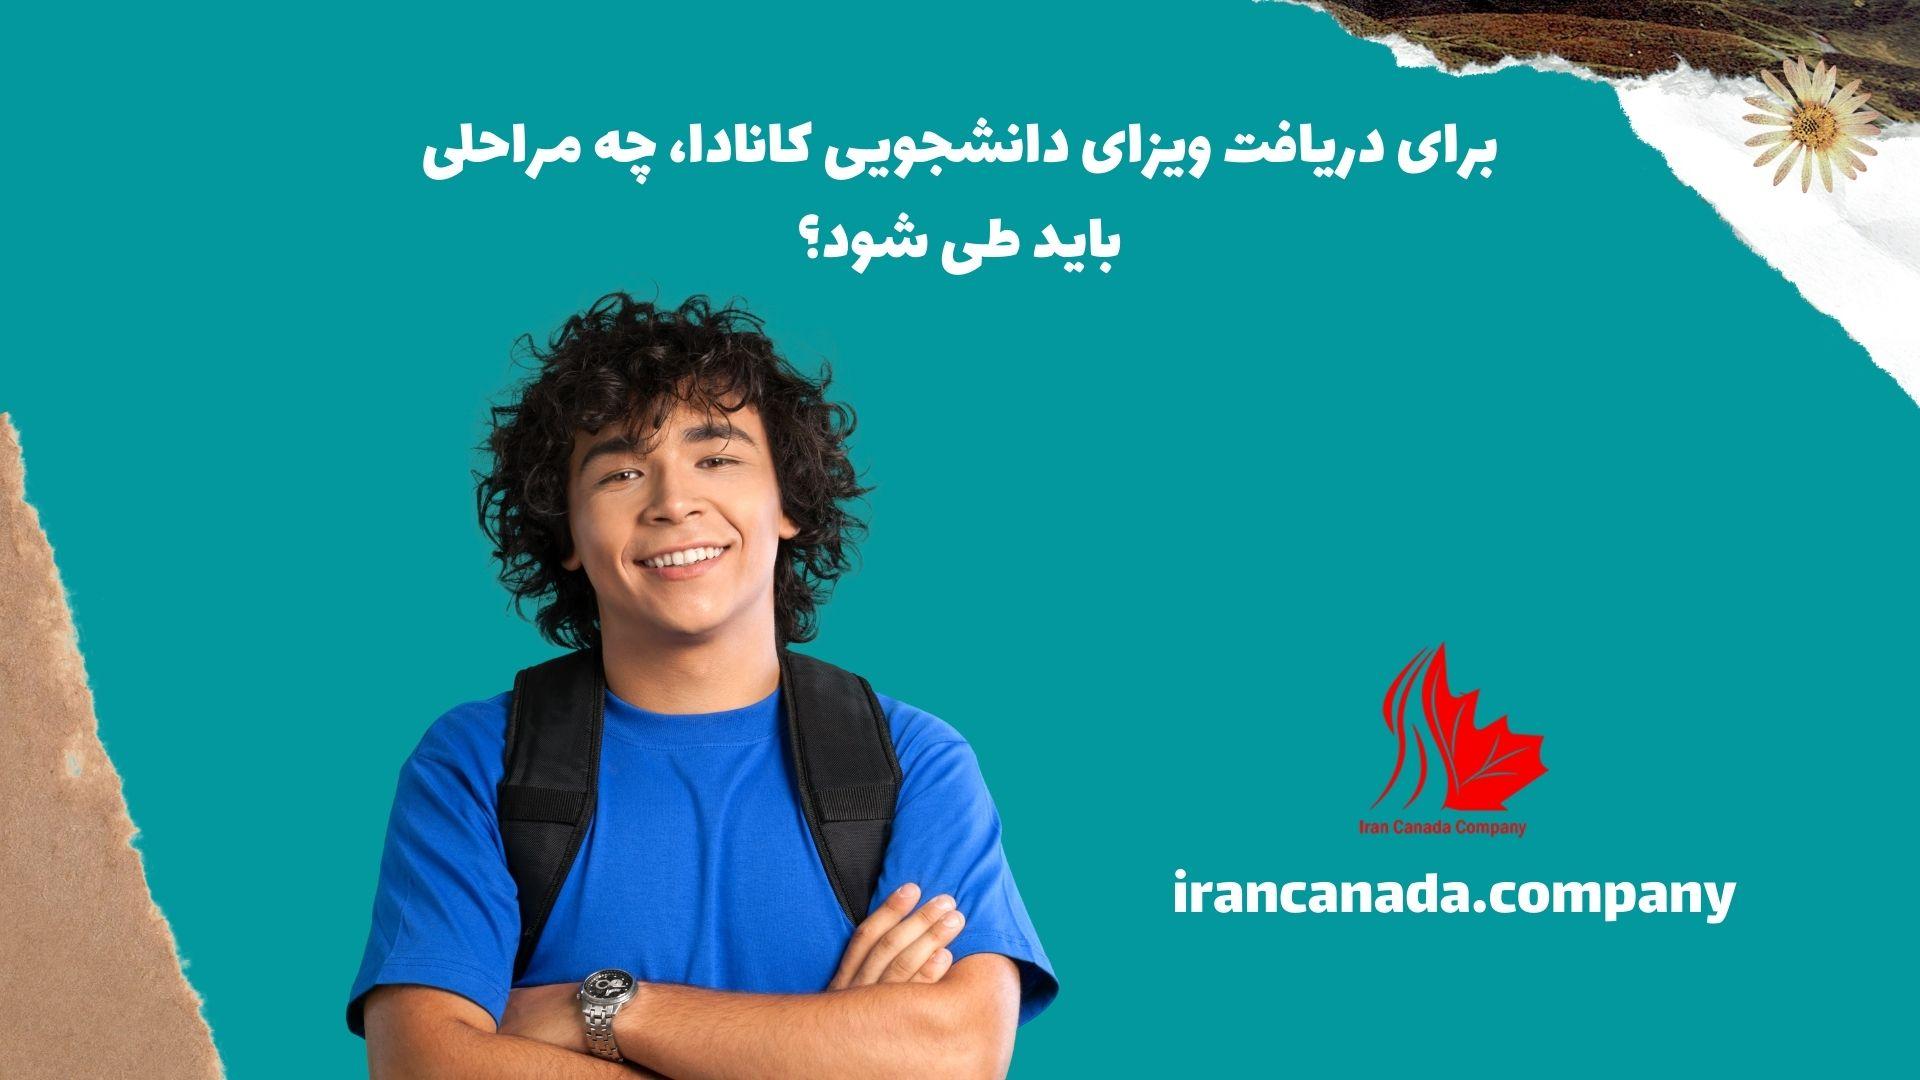 برای دریافت ویزای دانشجویی کانادا، چه مراحلی باید طی شود؟